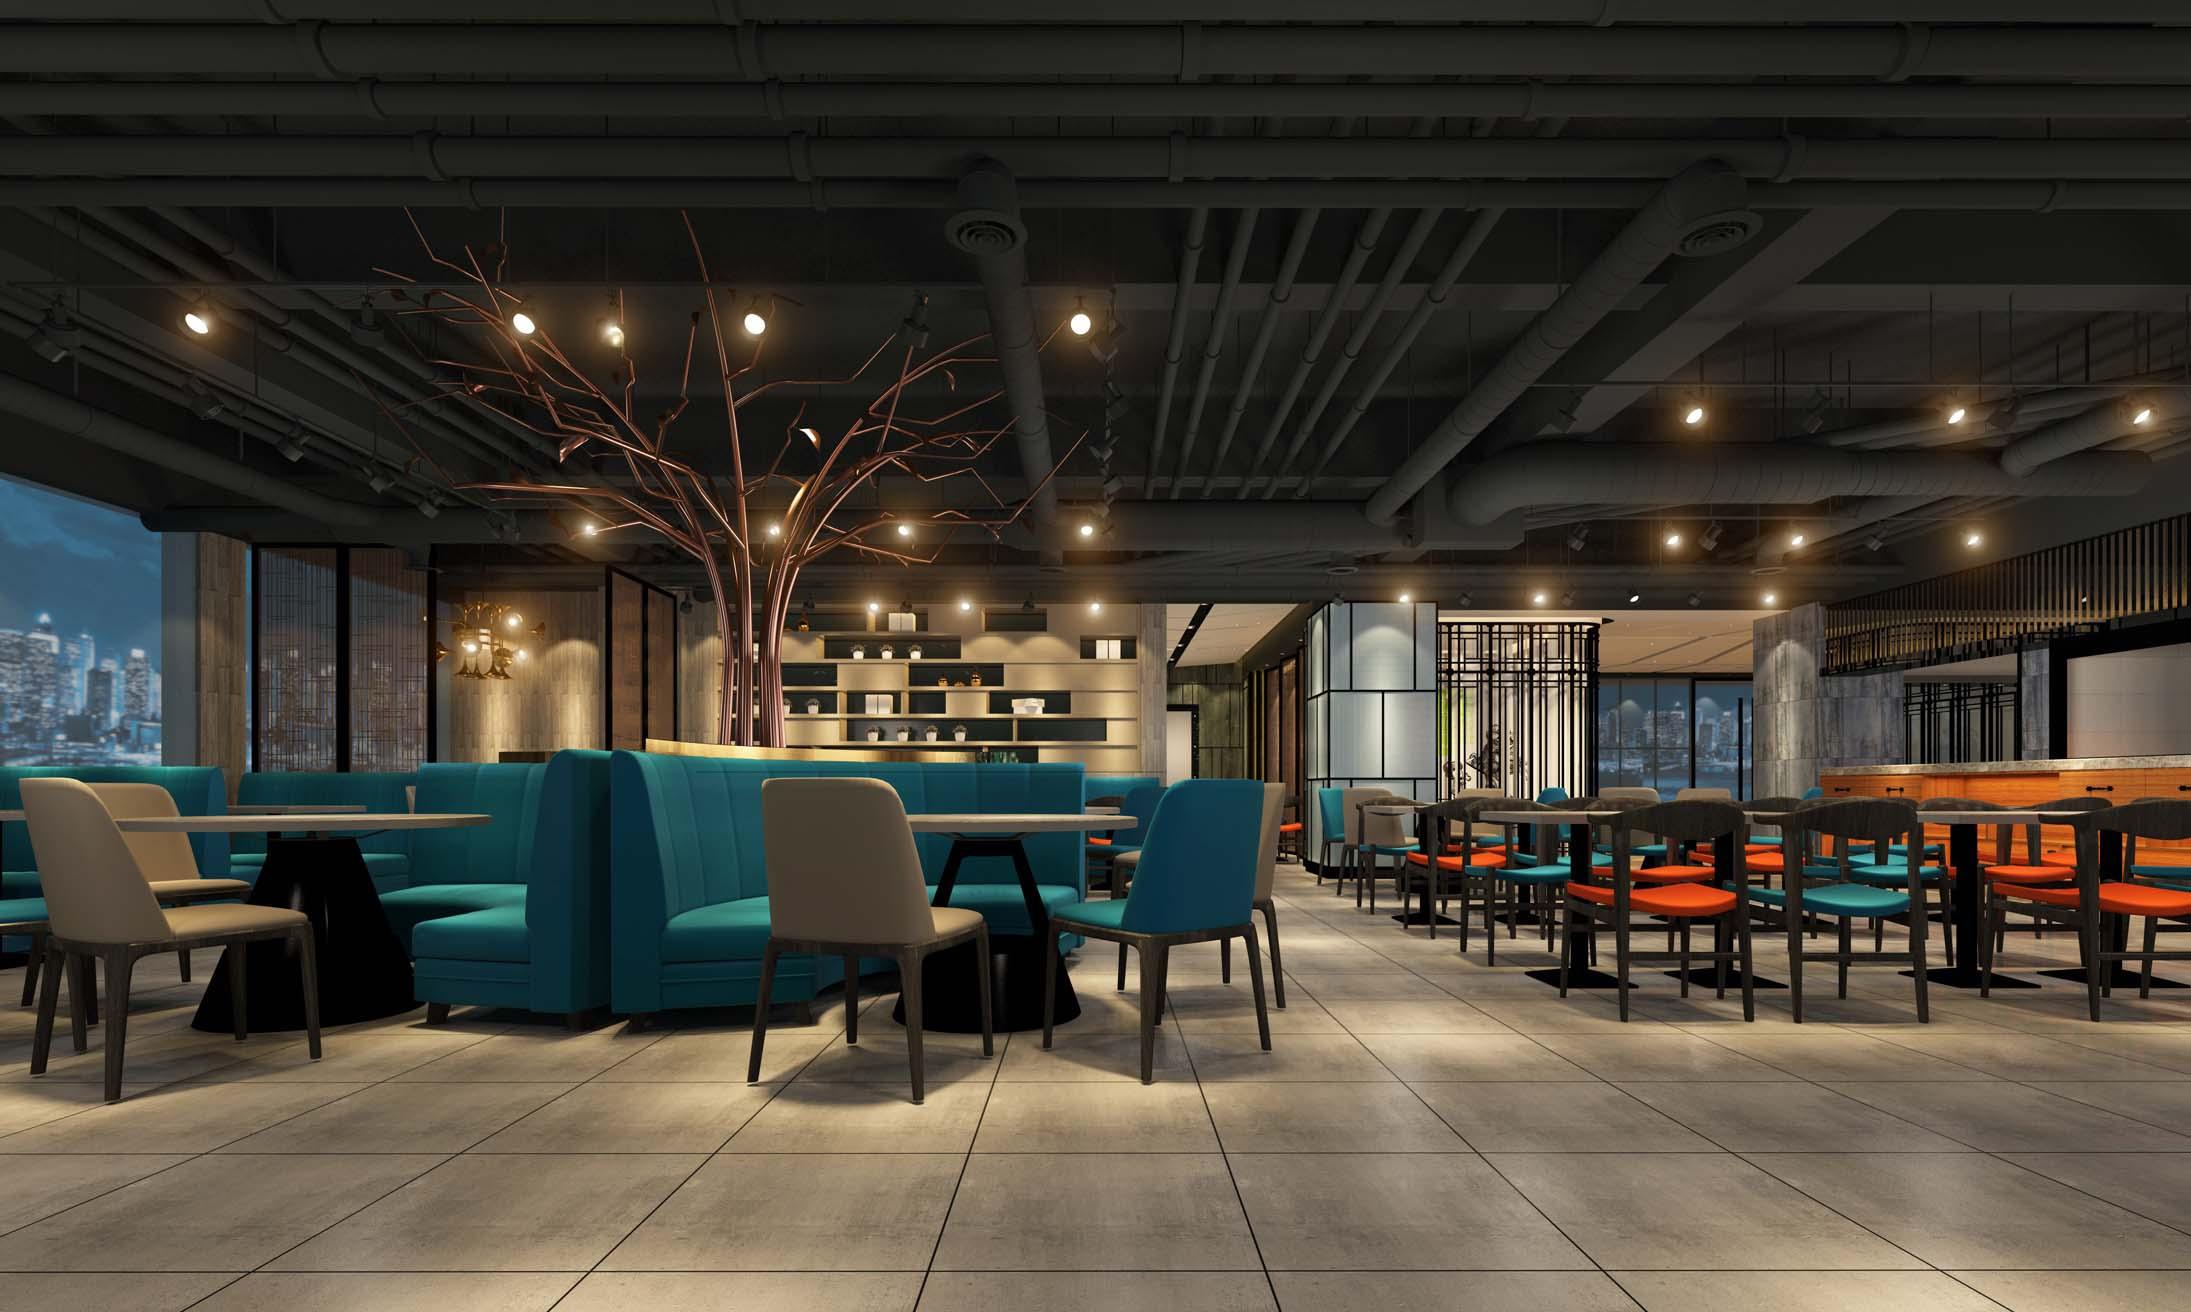 郑州餐饮设计风格图片